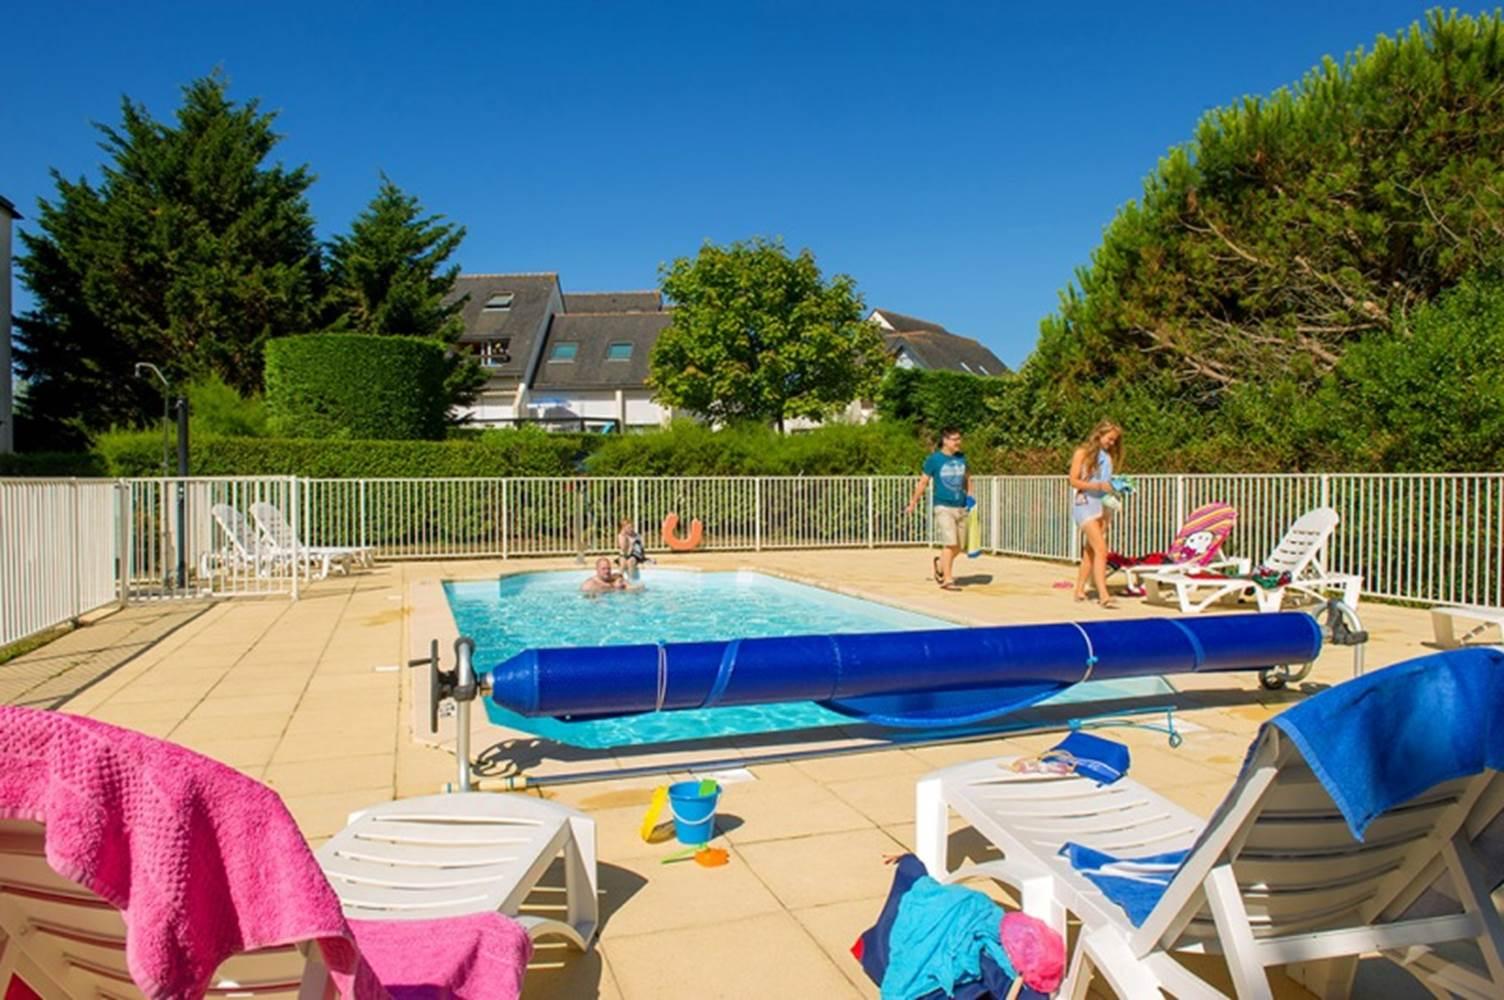 residence-de-tourisme-Goelia-bleue-oceane-Carnac-Morbihan-Bretagne-Sud © @Goelia